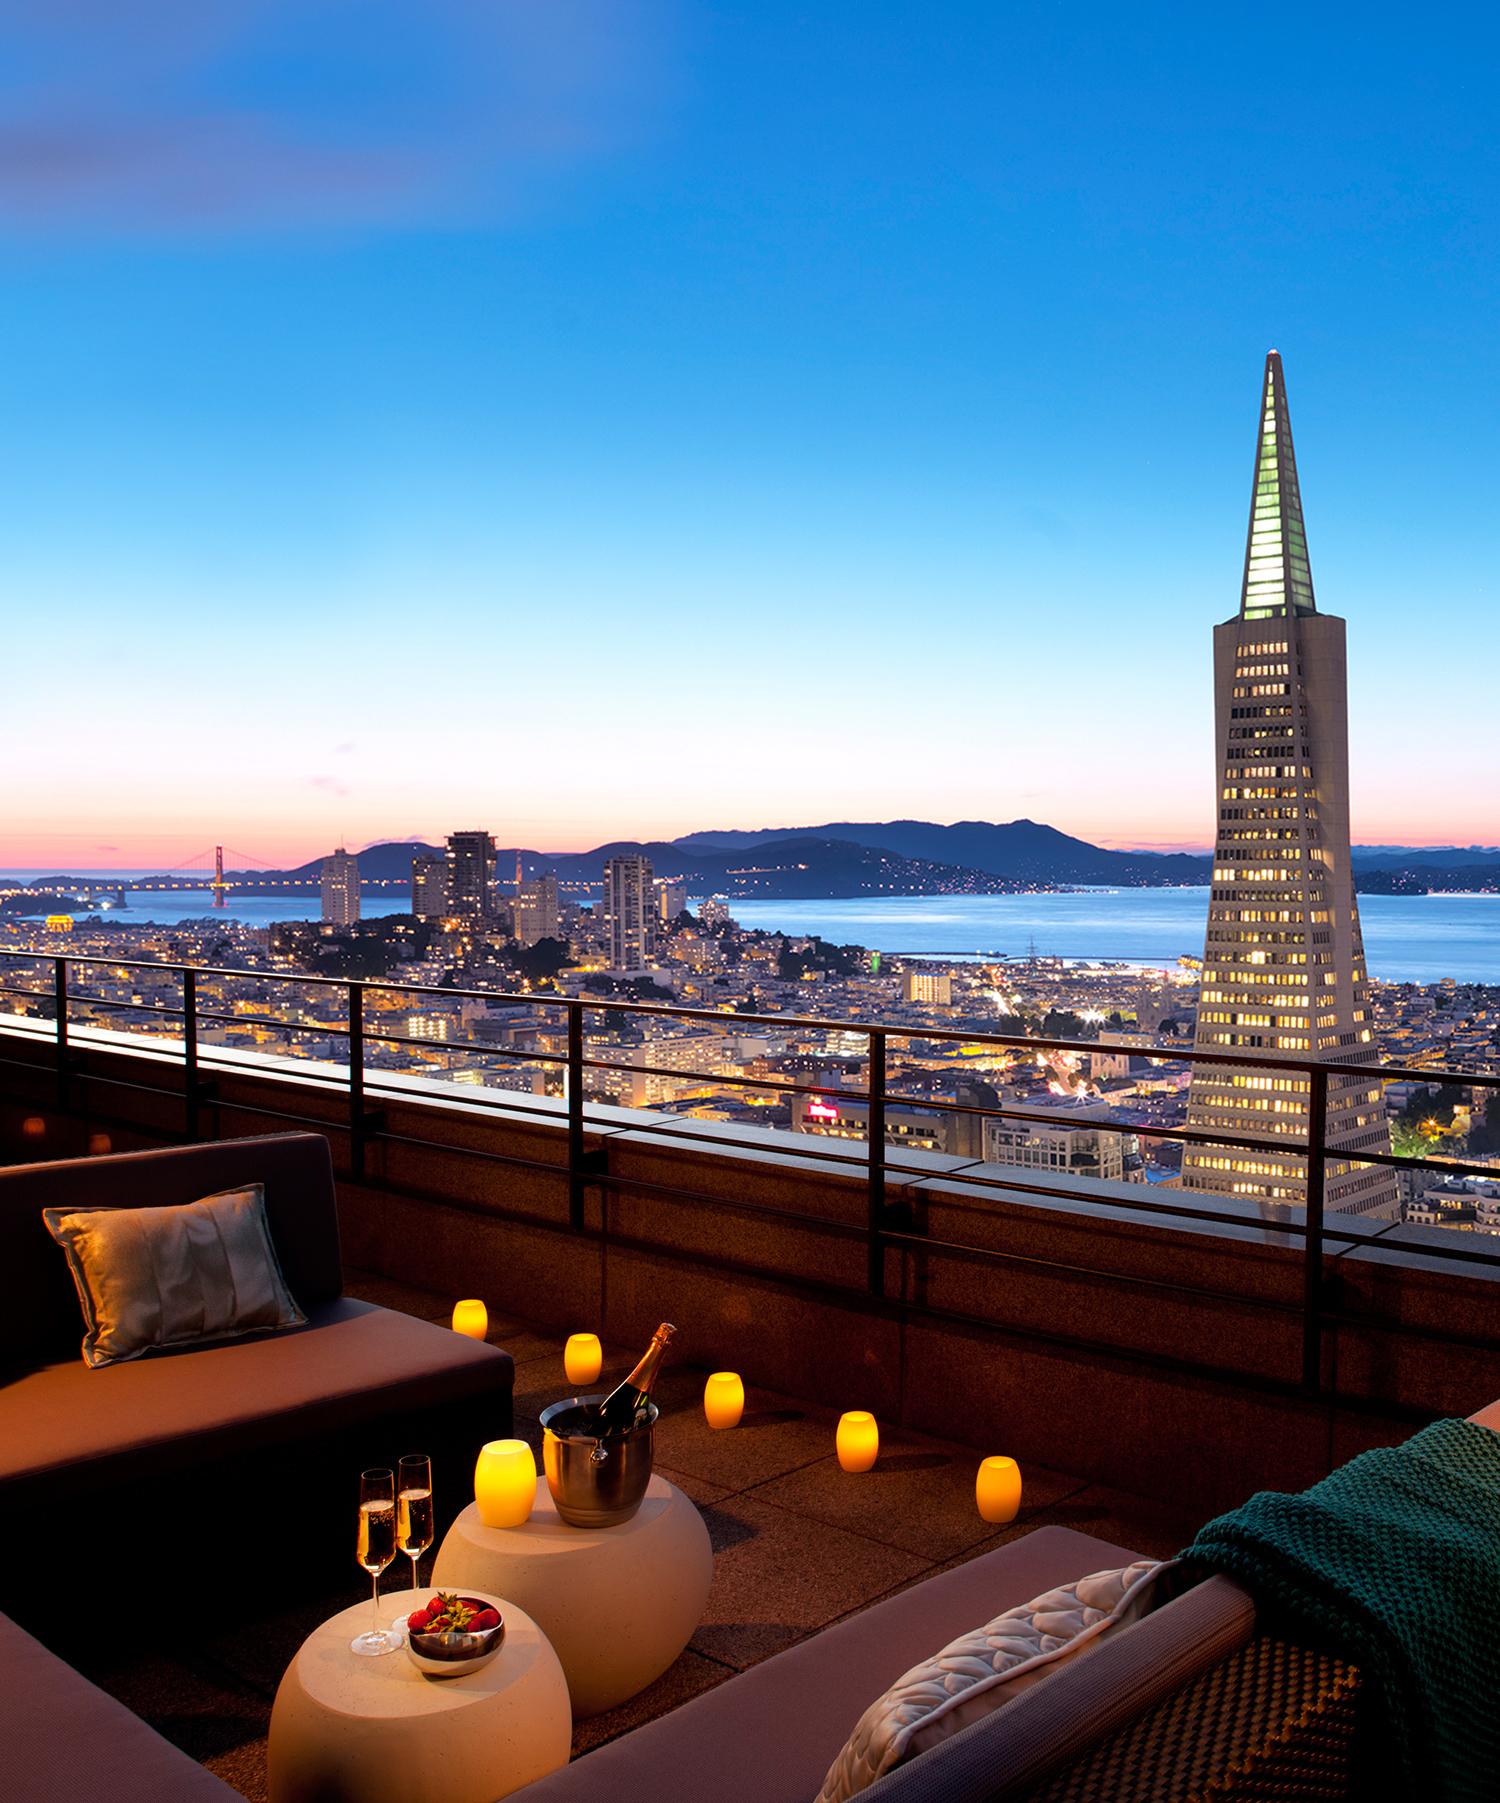 san francisco loews regency hotel patio ocean and city view